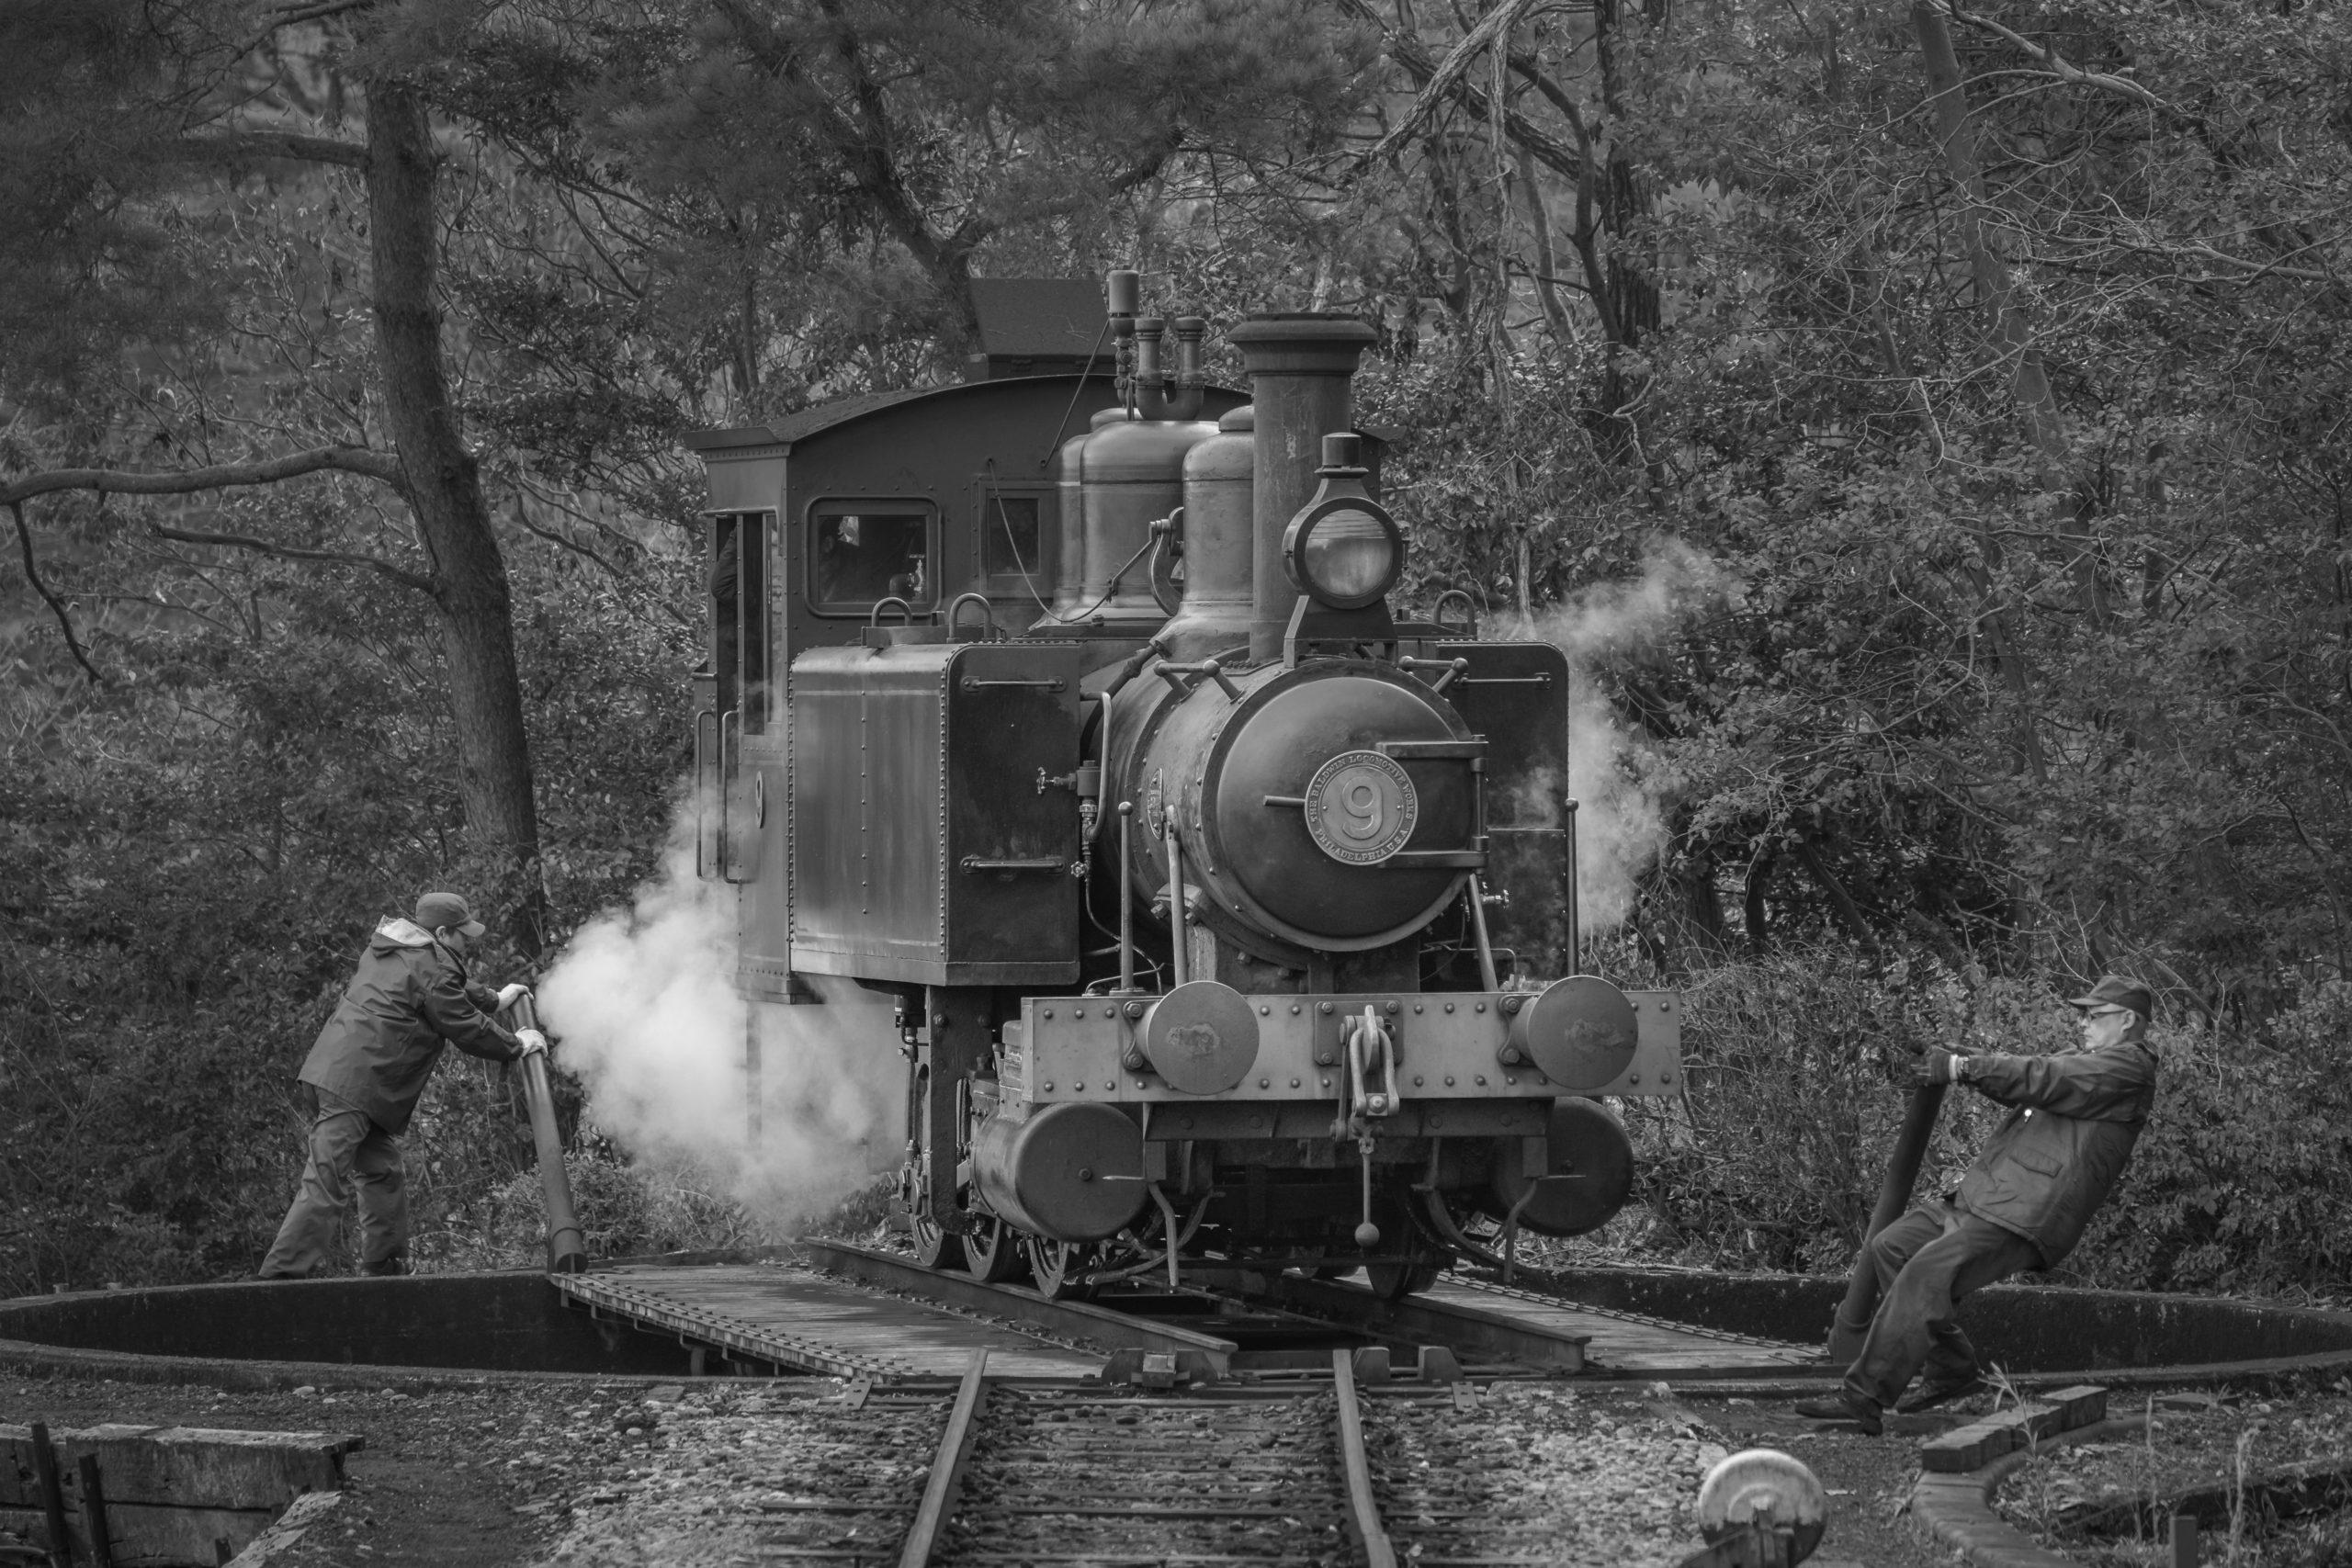 オート先生の総回診:テーマ「電車のある風景」